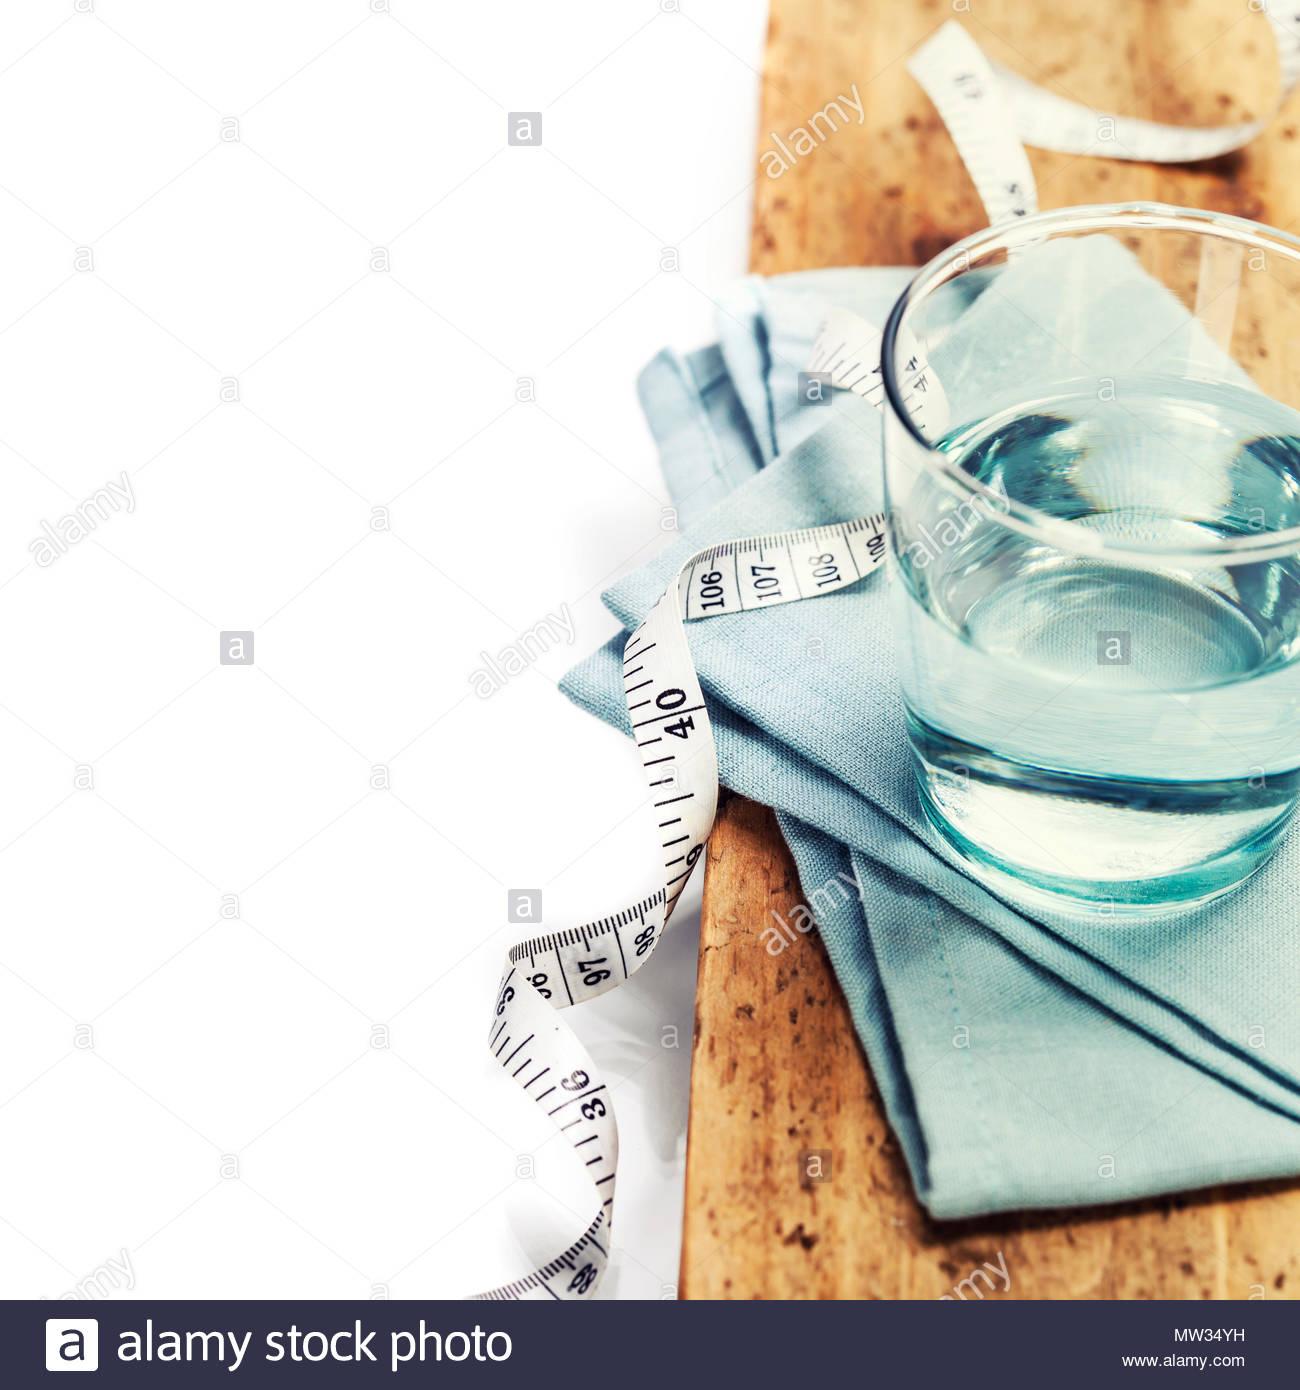 Verre d'eau et ruban à mesurer Photo Stock